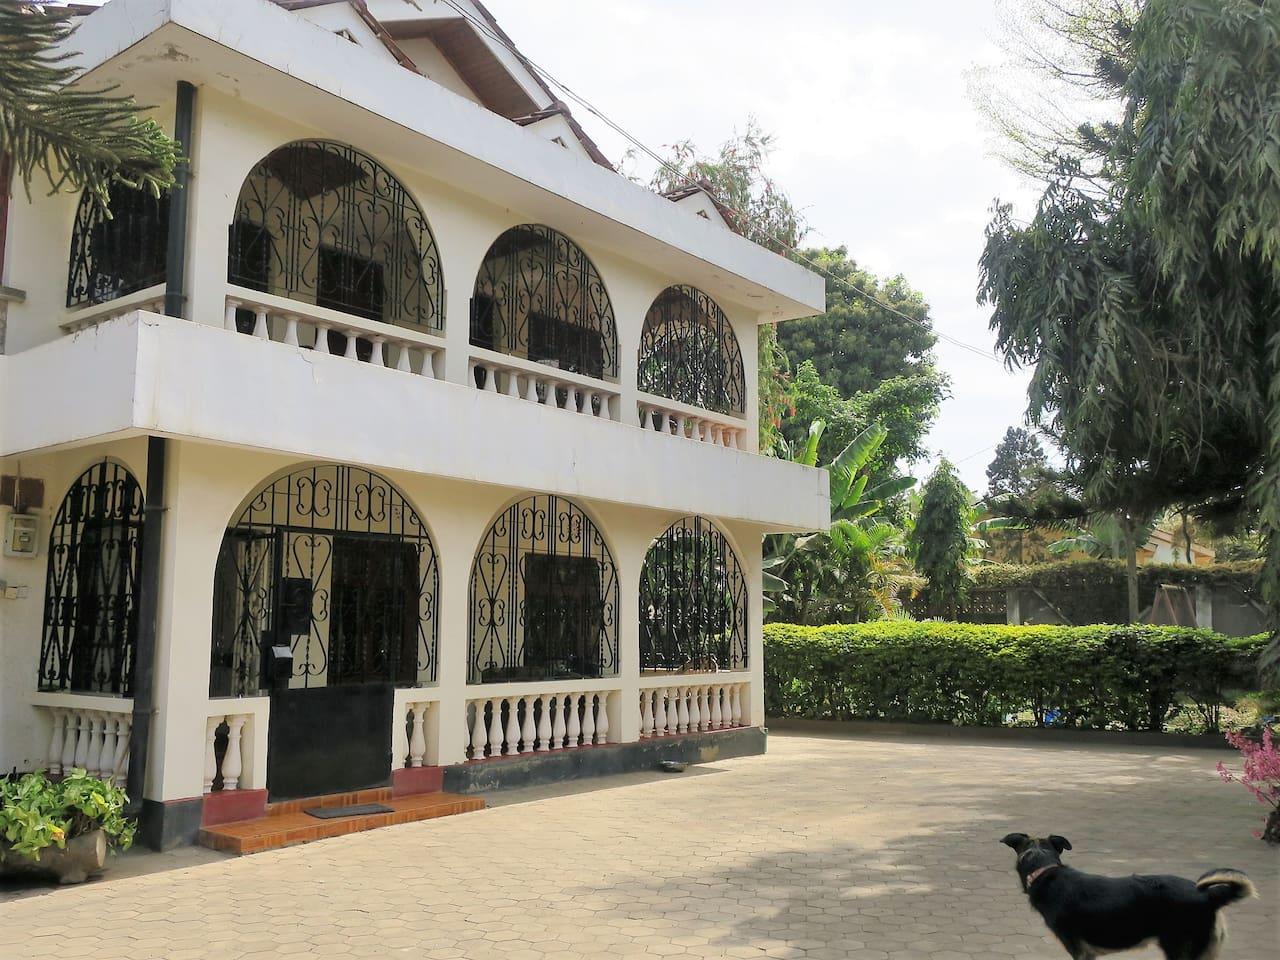 Our Nyumbani Hostel